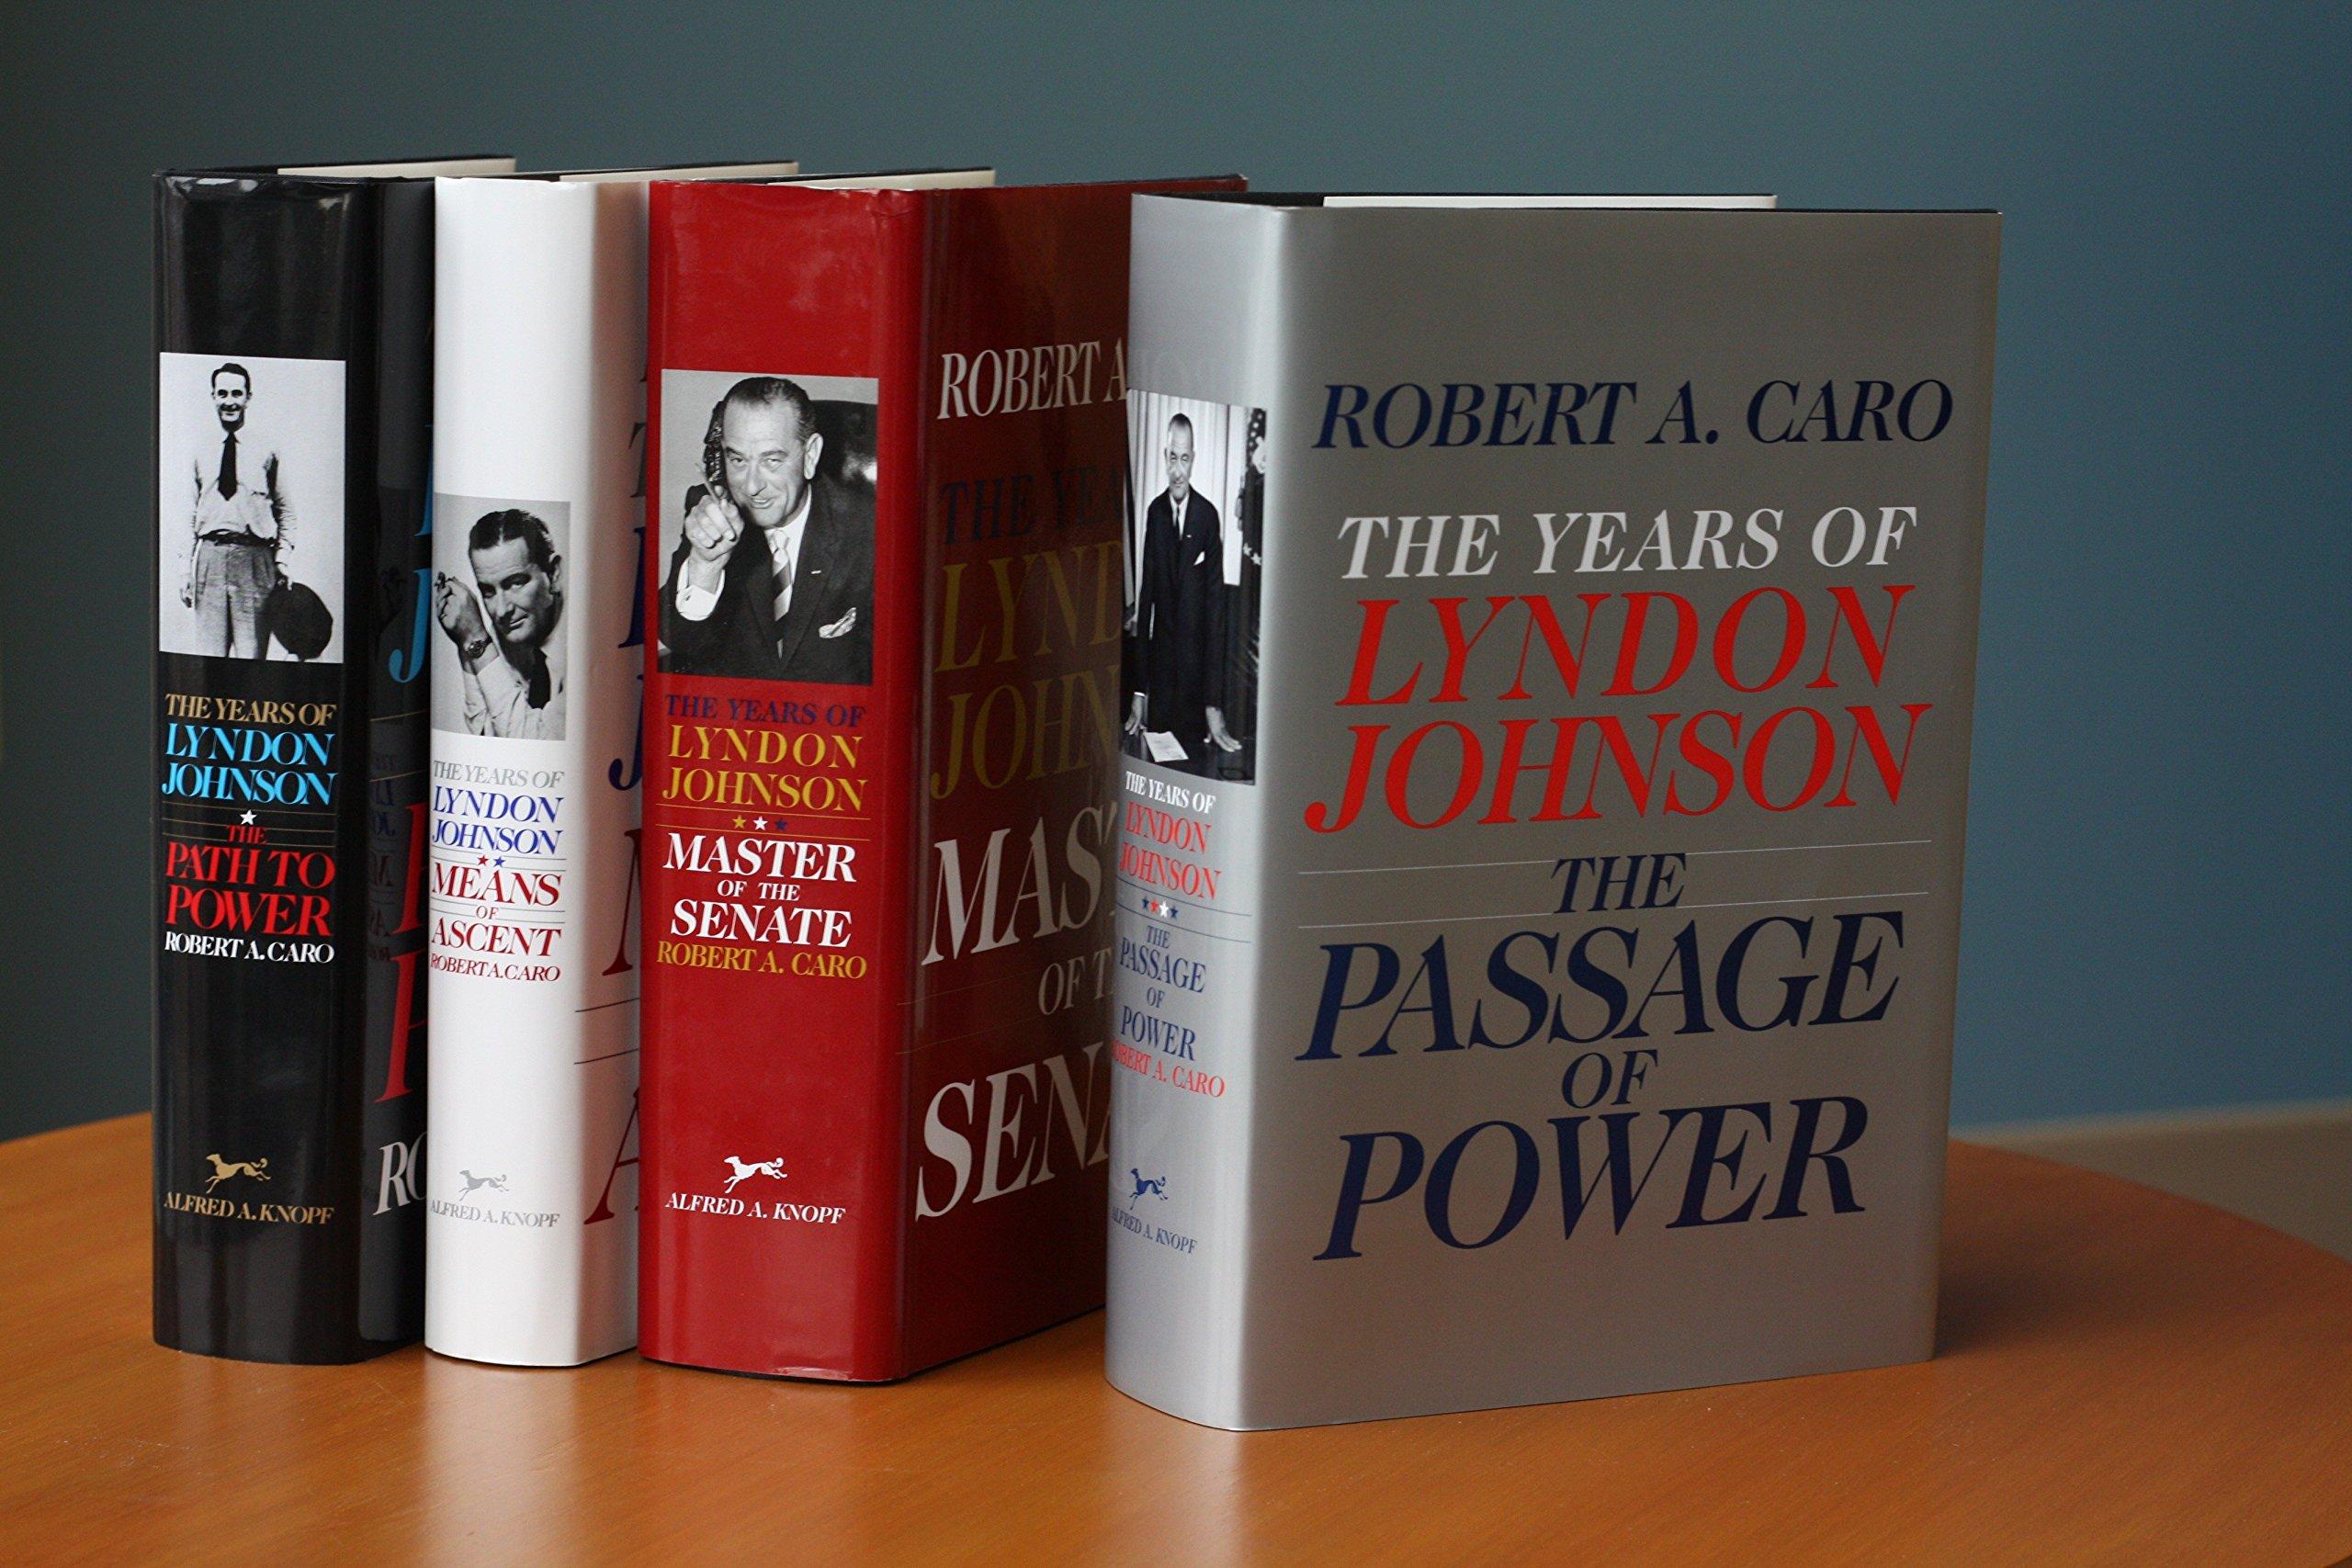 photo couleur des quatres tomes de the years of lyndon jonhson